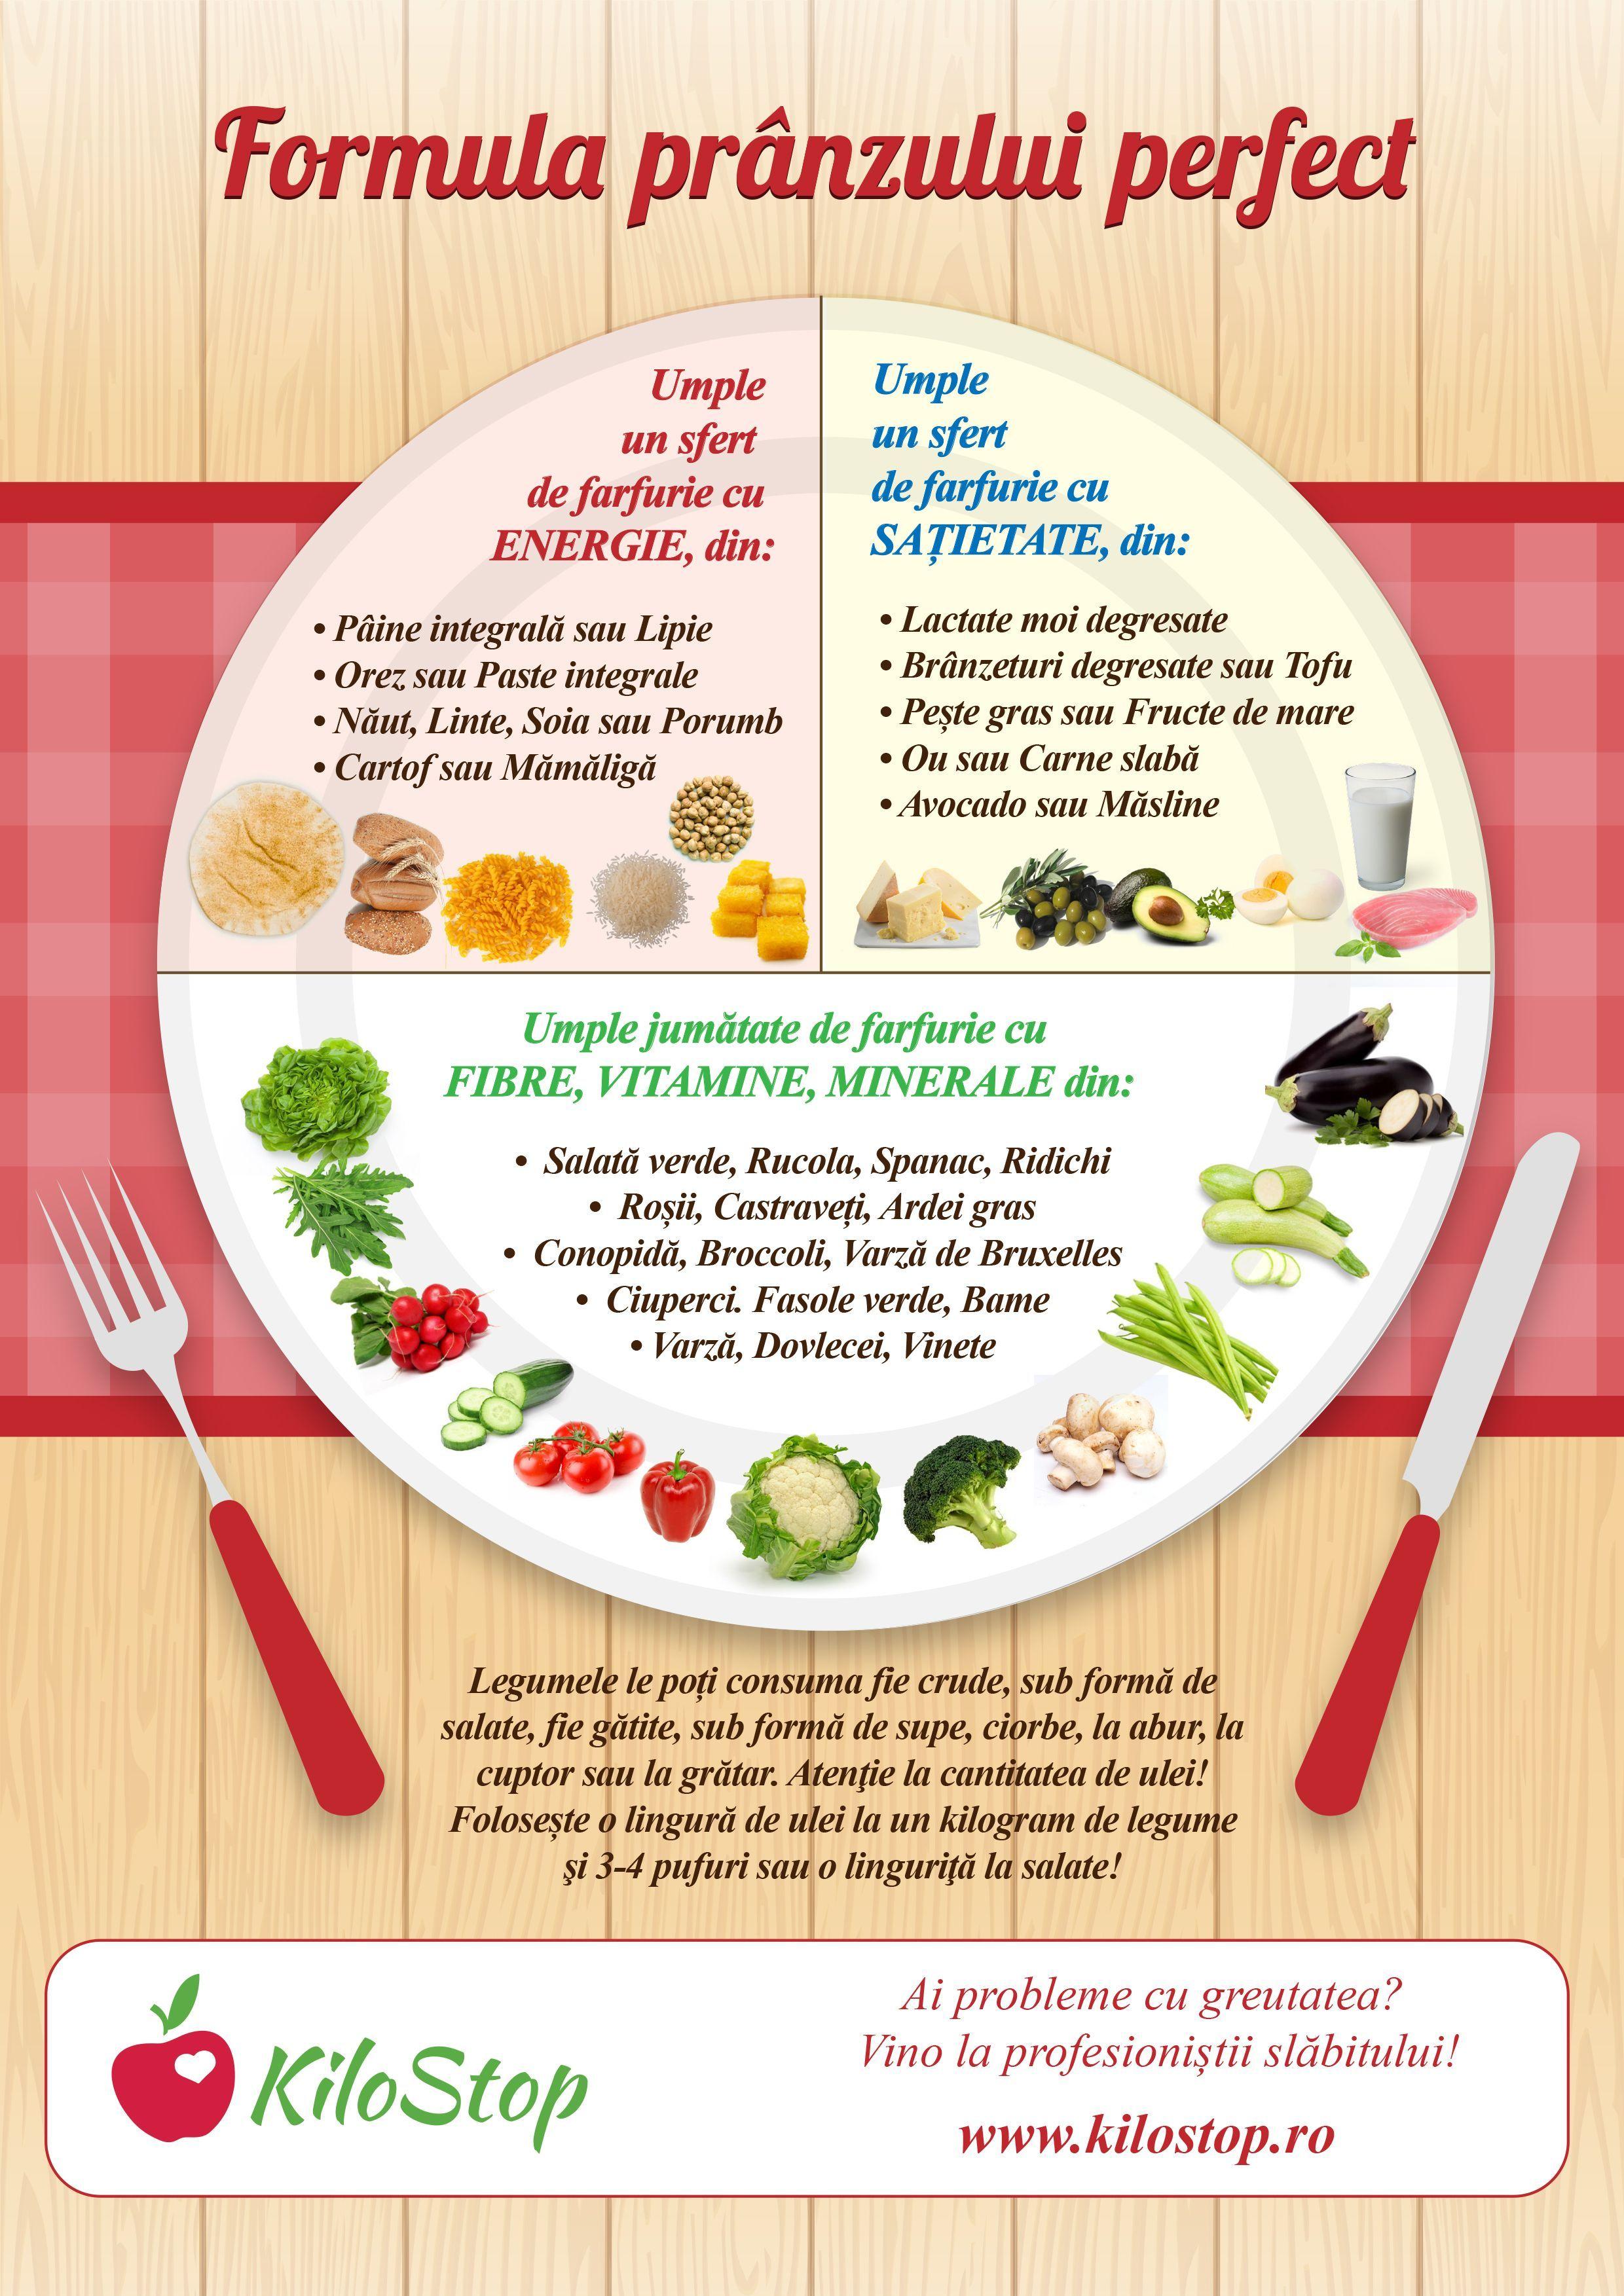 sări bine pentru pierderea în greutate puteți elimina grăsimea